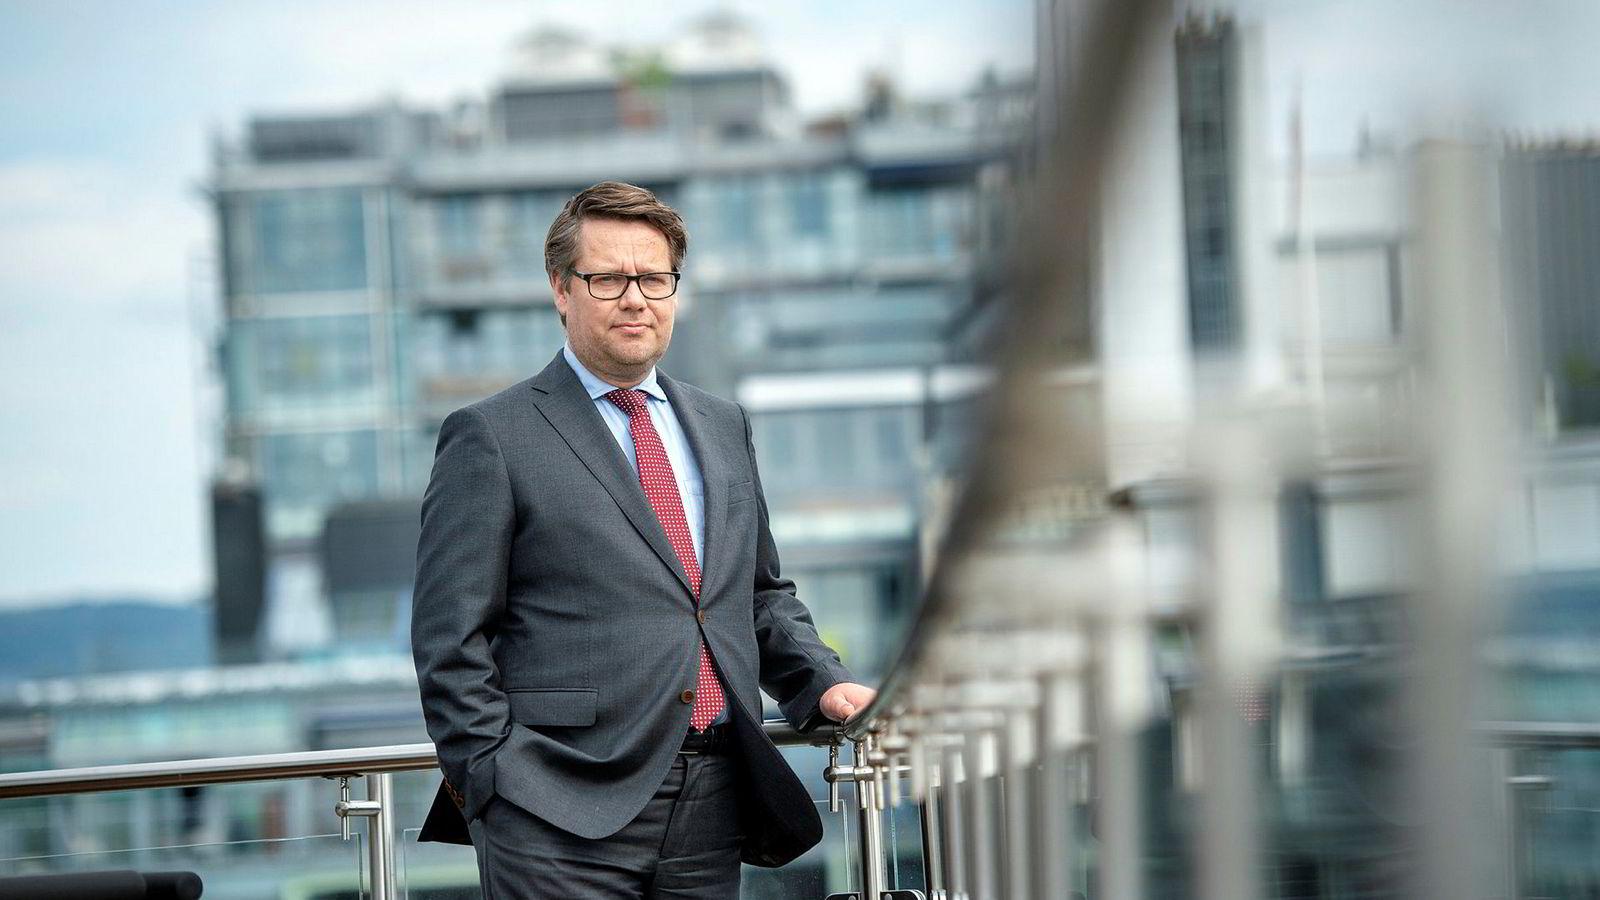 Dersom Europakommisjonen kommer til at de norske oppdrettskjempene har drevet kartellvirksomhet, kan det føre til bøter og erstatningskrav på over ti milliarder kroner, ifølge partner Odd Stemsrud i advokatfirmaet Grette.